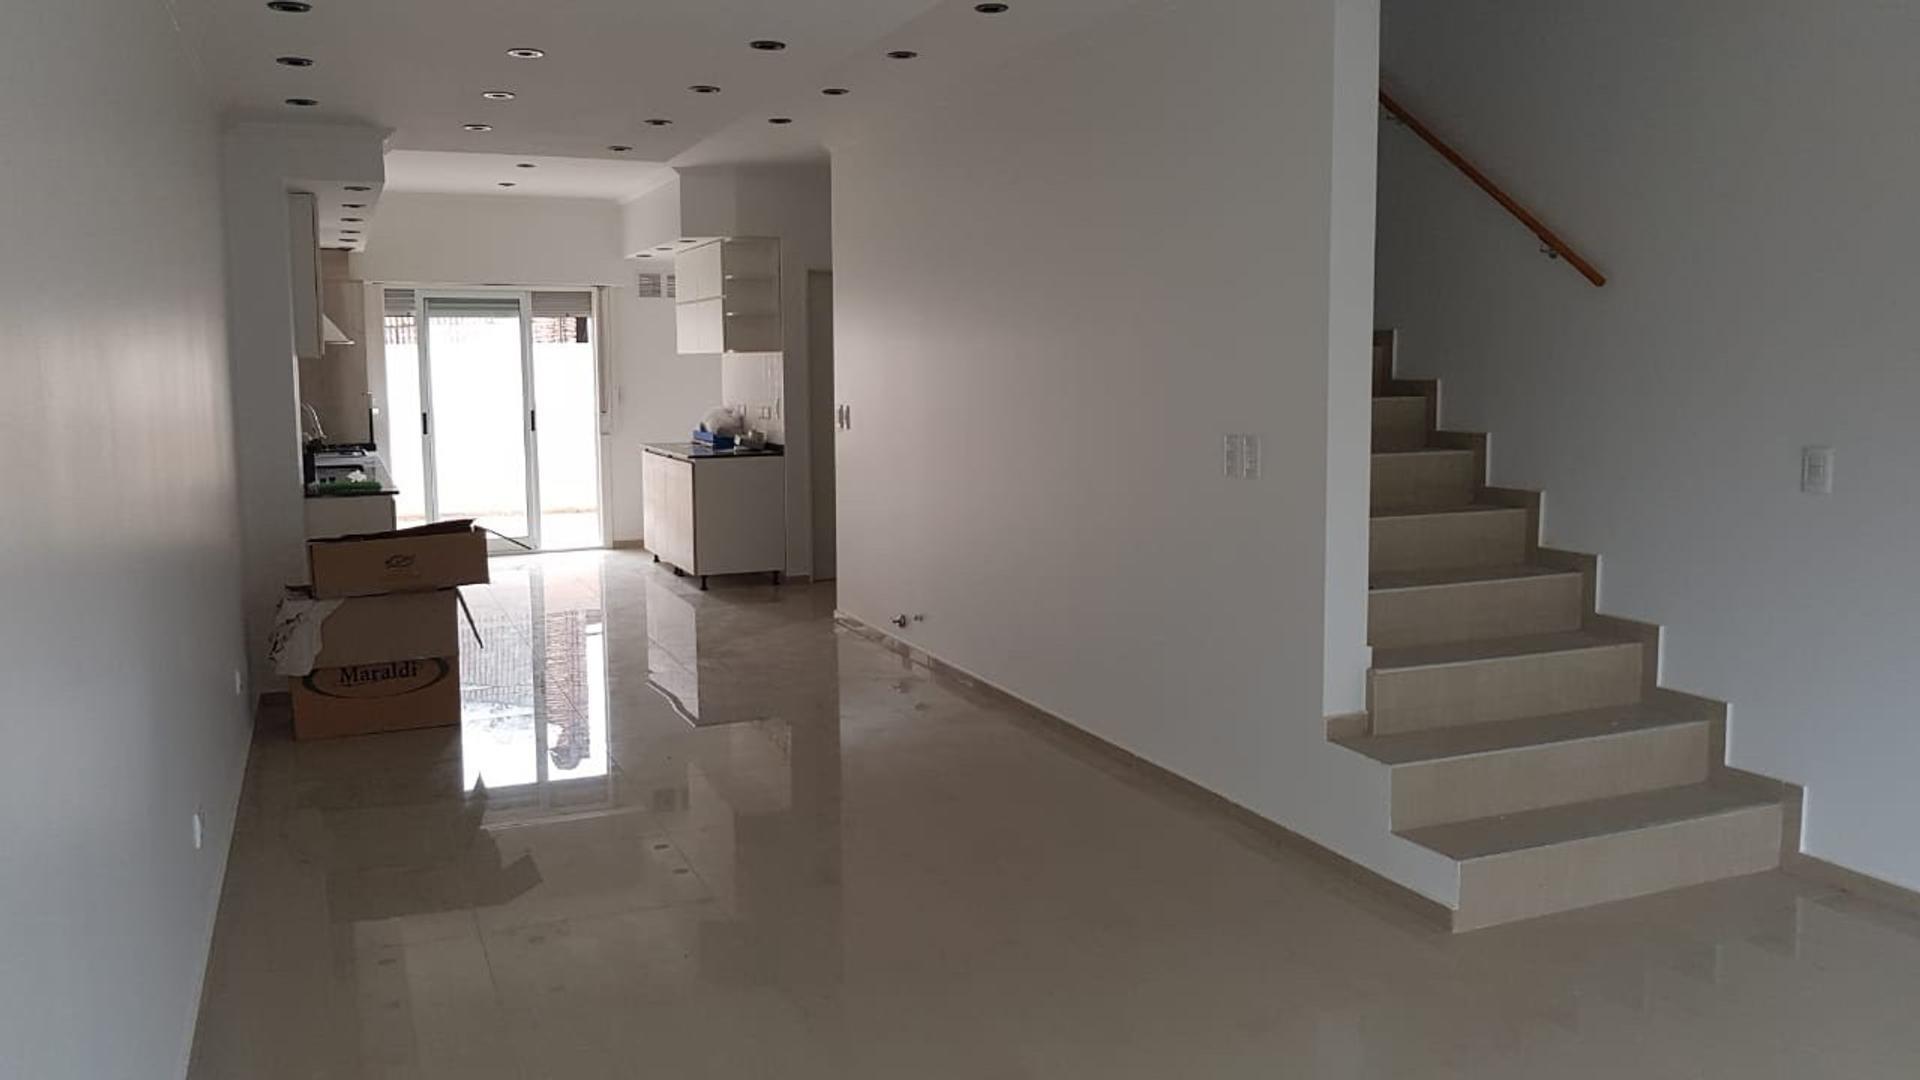 MARCOS SASTRE 4800 - 4 ambientes con cochera